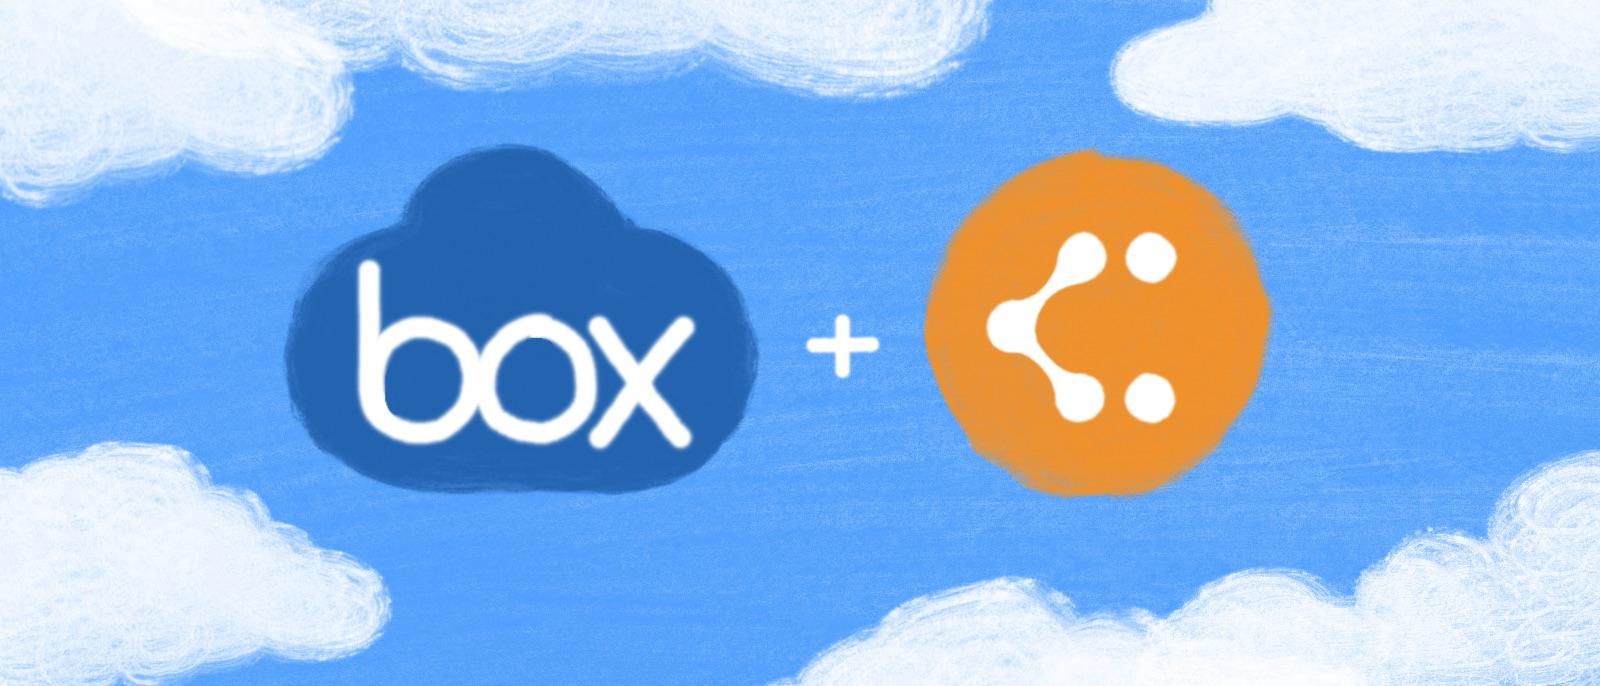 Box integration for Lucidchart